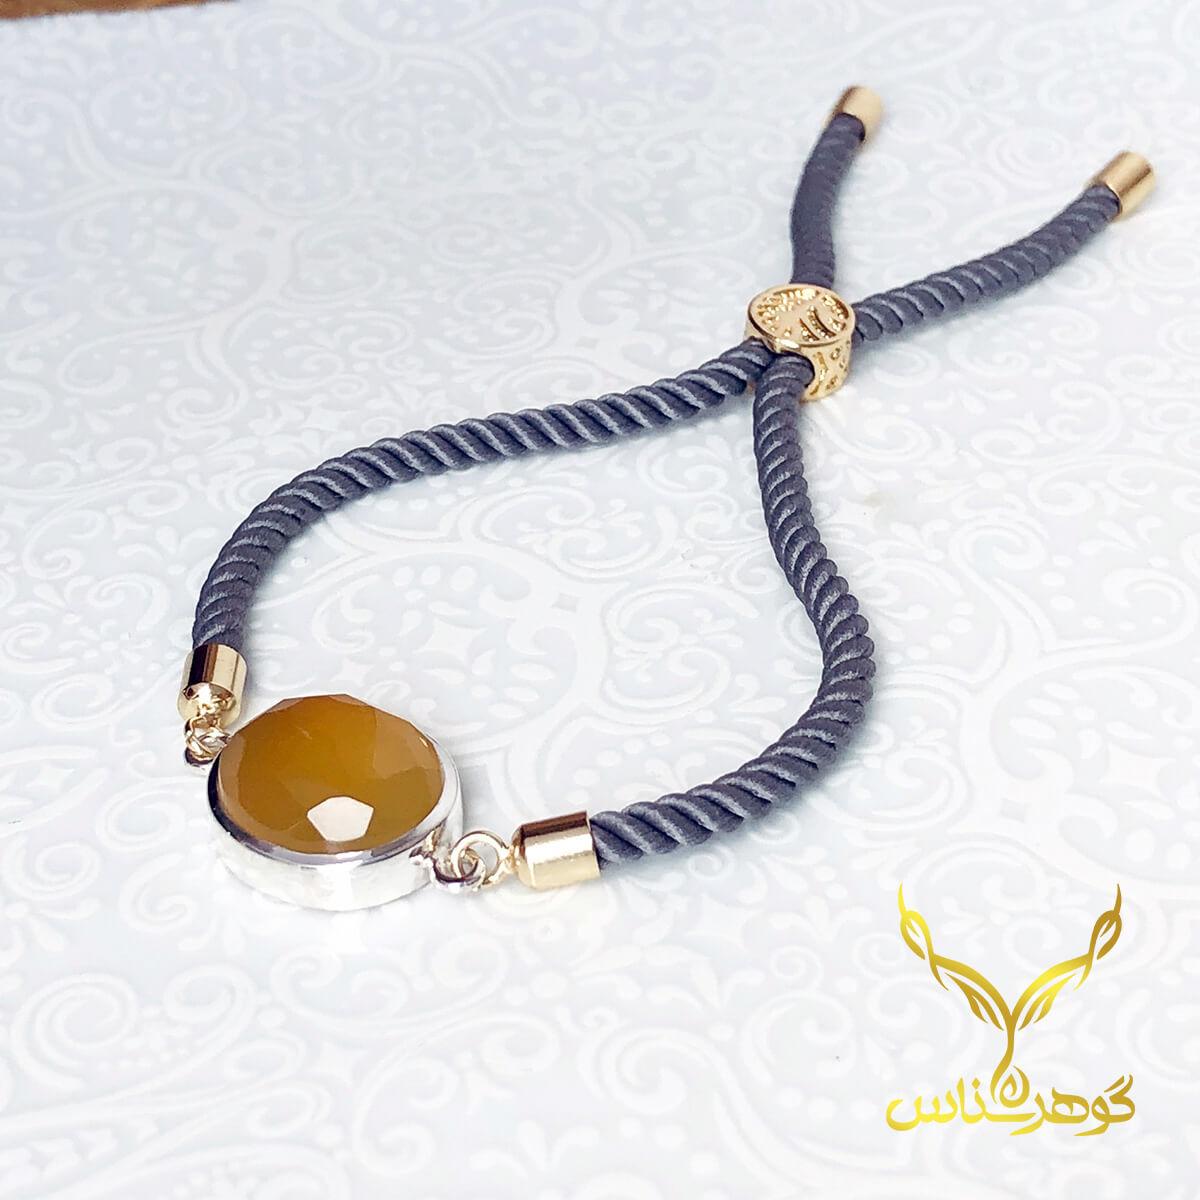 دستبند عقیق کدSC002 یک دستبند دستسار به همراه عقیق اصل یمانی ساخته شده توسط جواهرساز دهقانی مدیریت طلاسازی هرمز و فروشگاه آنلاین گوهرشناس